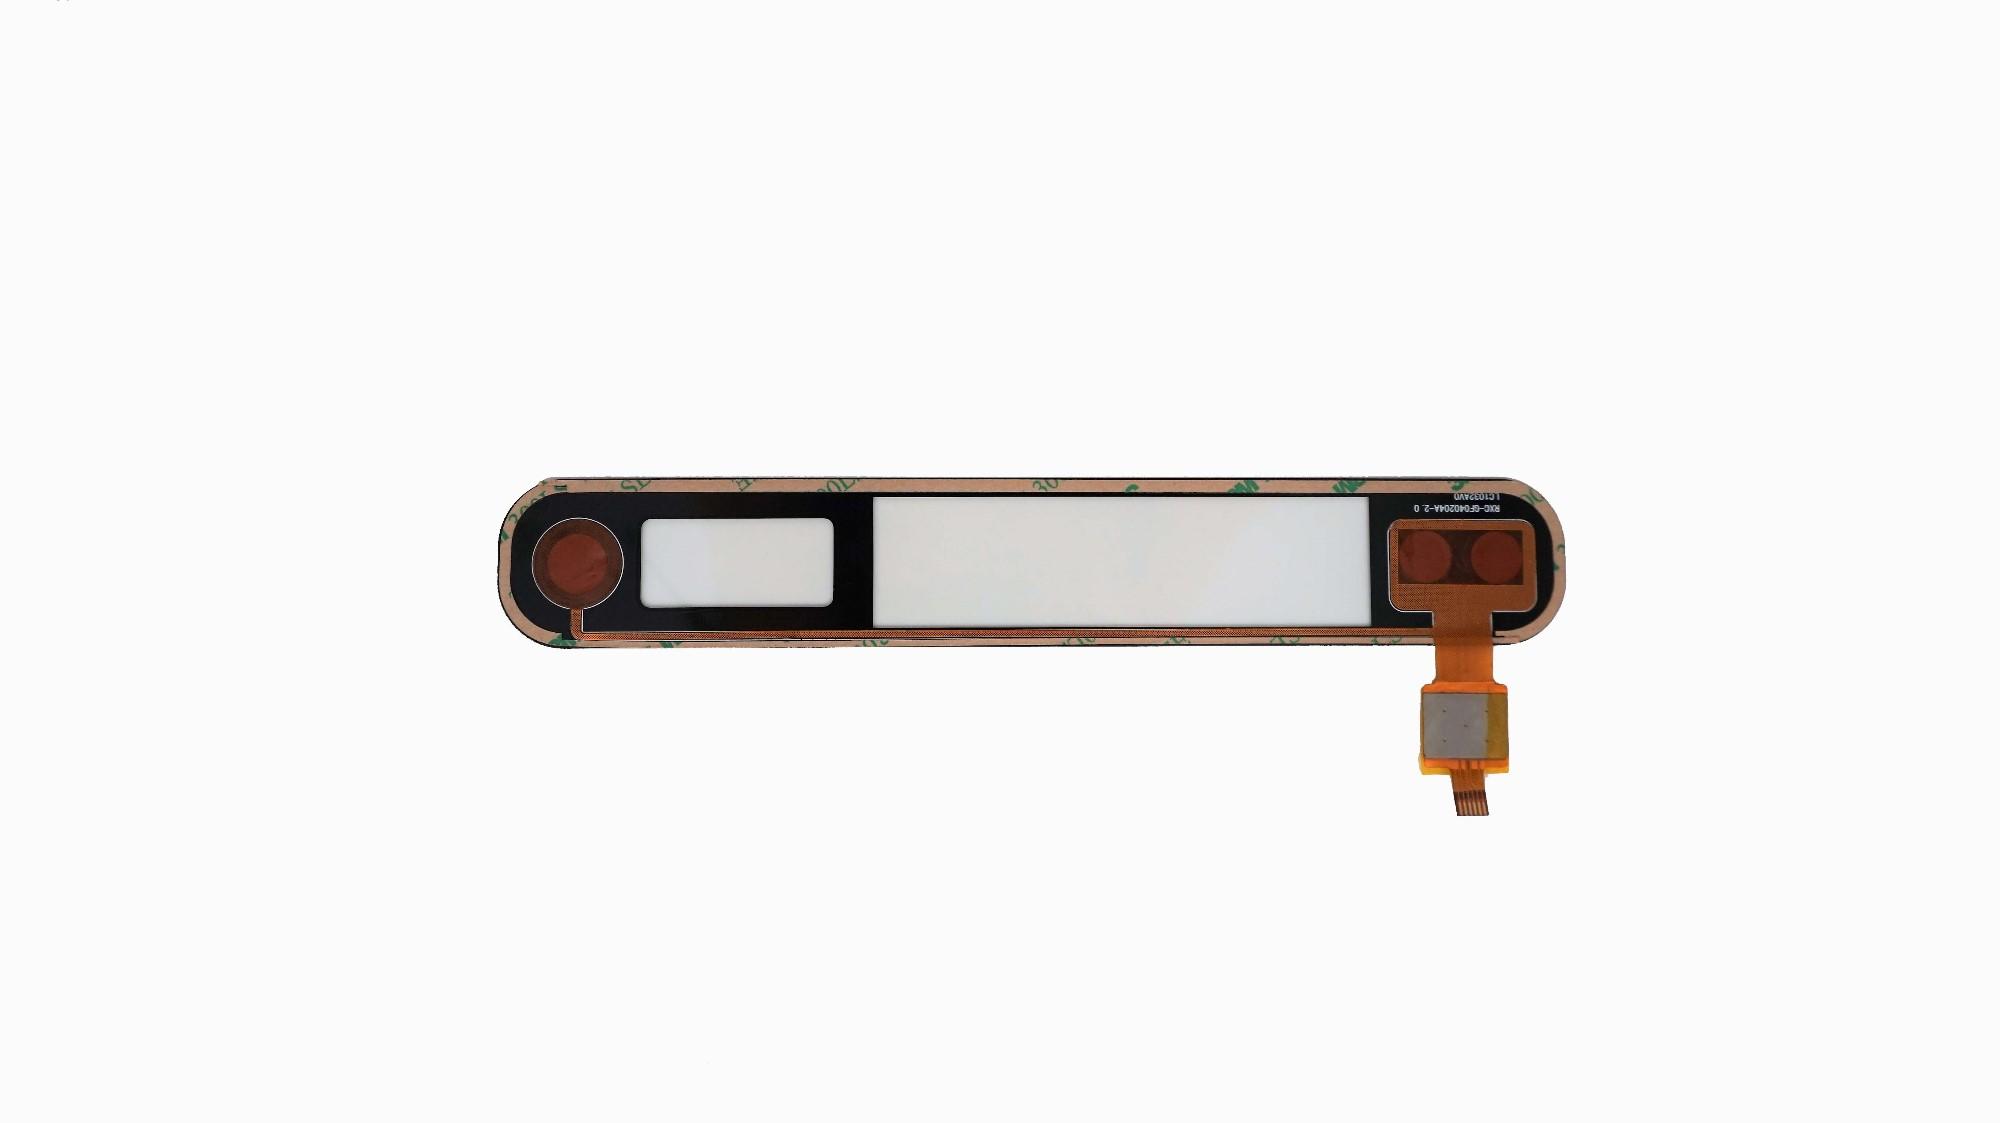 Comprar Cubierta capacitiva en forma de Pcap para interruptor de luz de casa inteligente, Cubierta capacitiva en forma de Pcap para interruptor de luz de casa inteligente Precios, Cubierta capacitiva en forma de Pcap para interruptor de luz de casa inteligente Marcas, Cubierta capacitiva en forma de Pcap para interruptor de luz de casa inteligente Fabricante, Cubierta capacitiva en forma de Pcap para interruptor de luz de casa inteligente Citas, Cubierta capacitiva en forma de Pcap para interruptor de luz de casa inteligente Empresa.